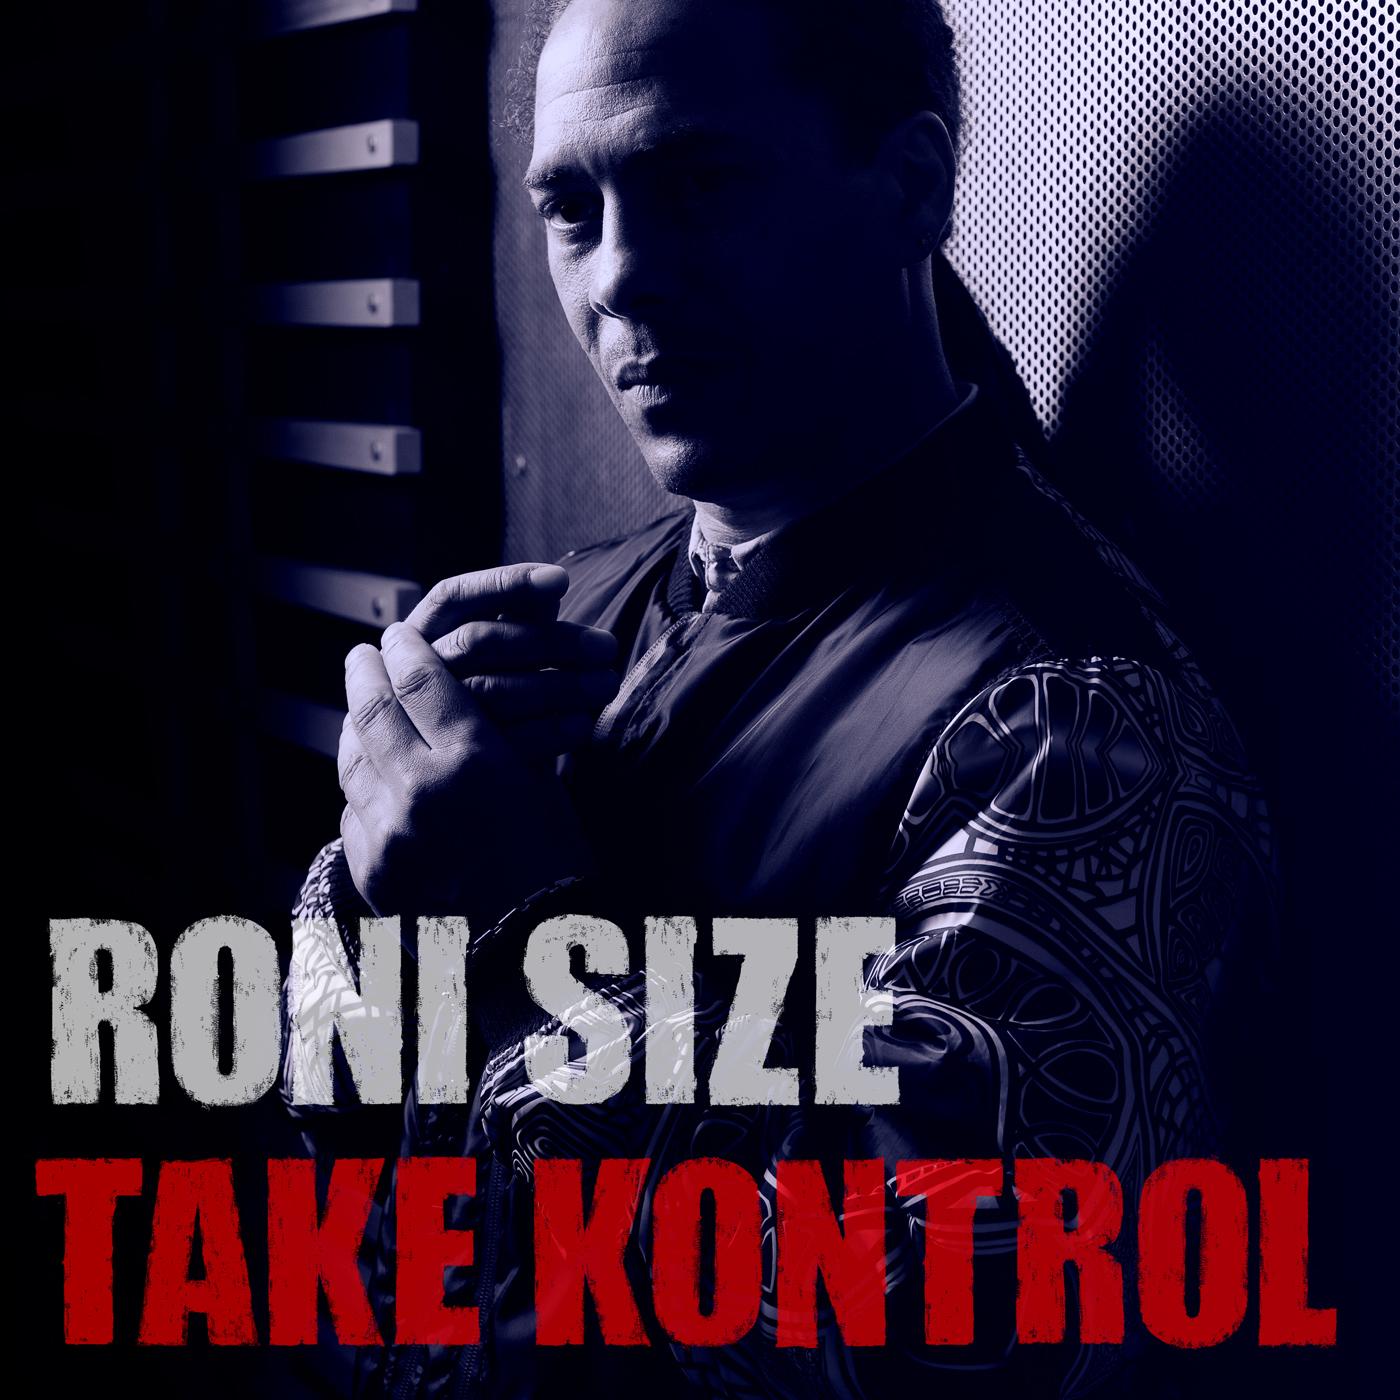 Take Kontrol WAV Album - Roni Size